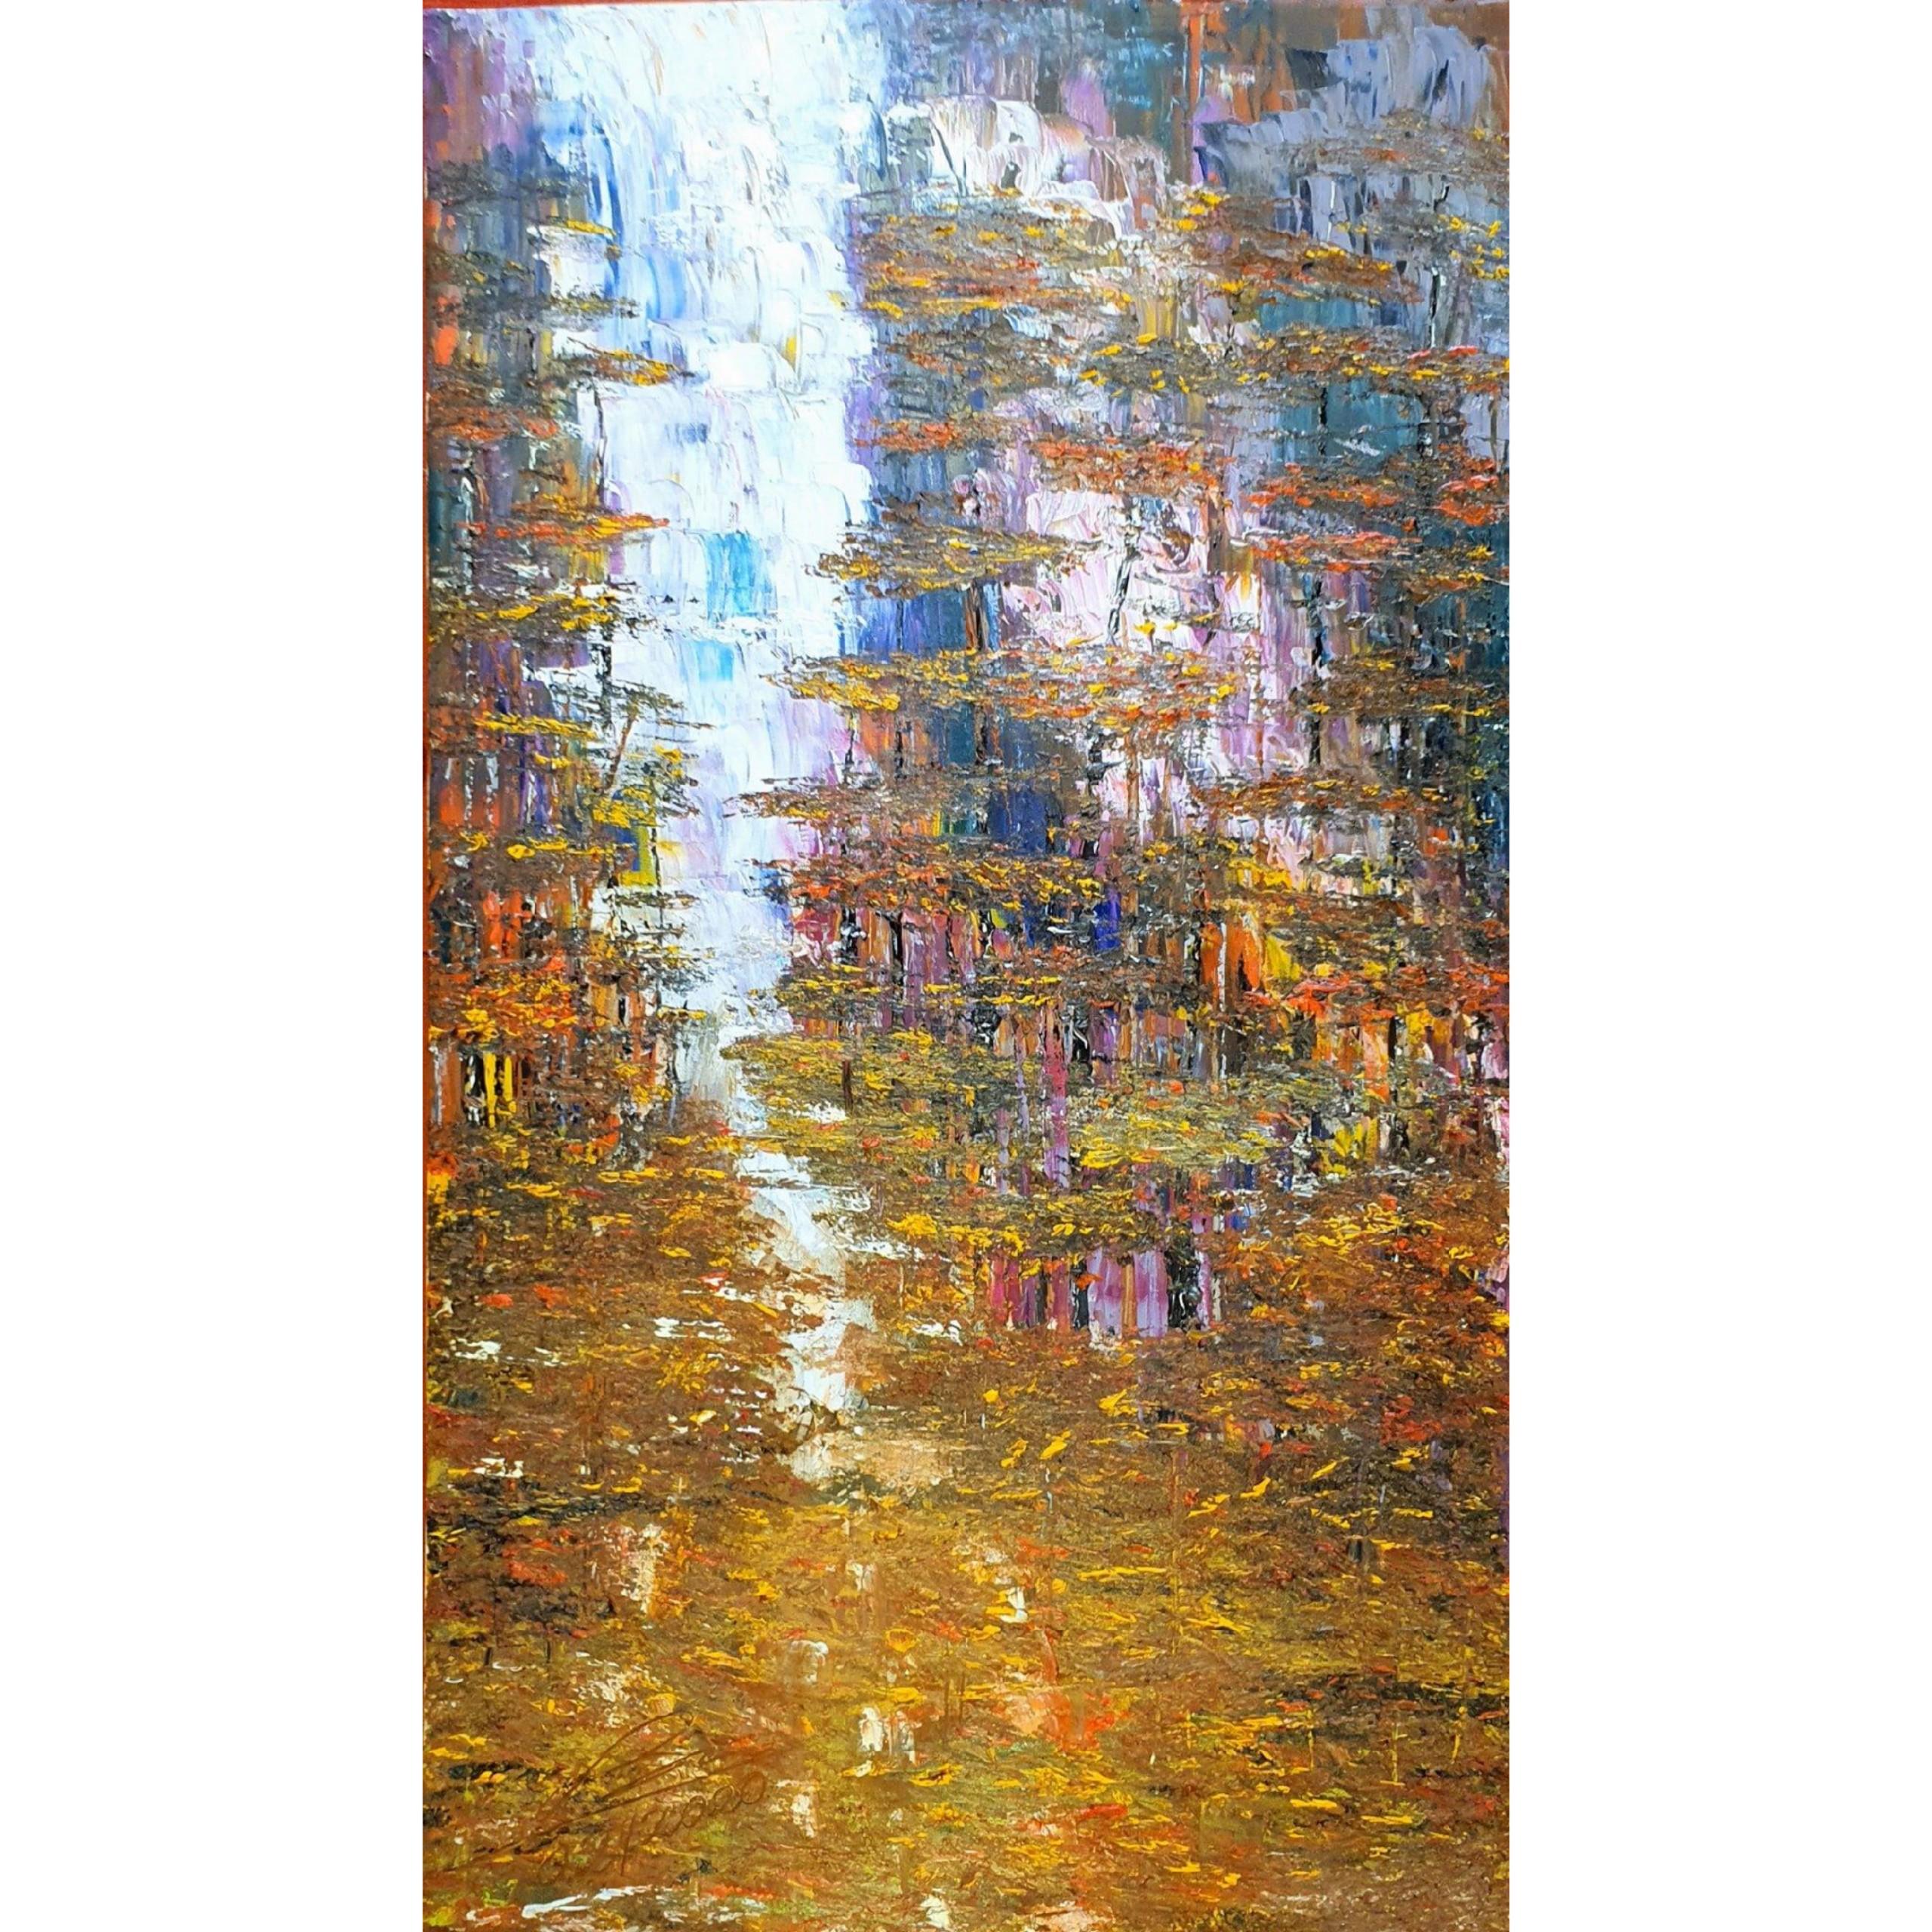 Tranh sơn dầu sáng tác vẽ tay: Suối Mơ